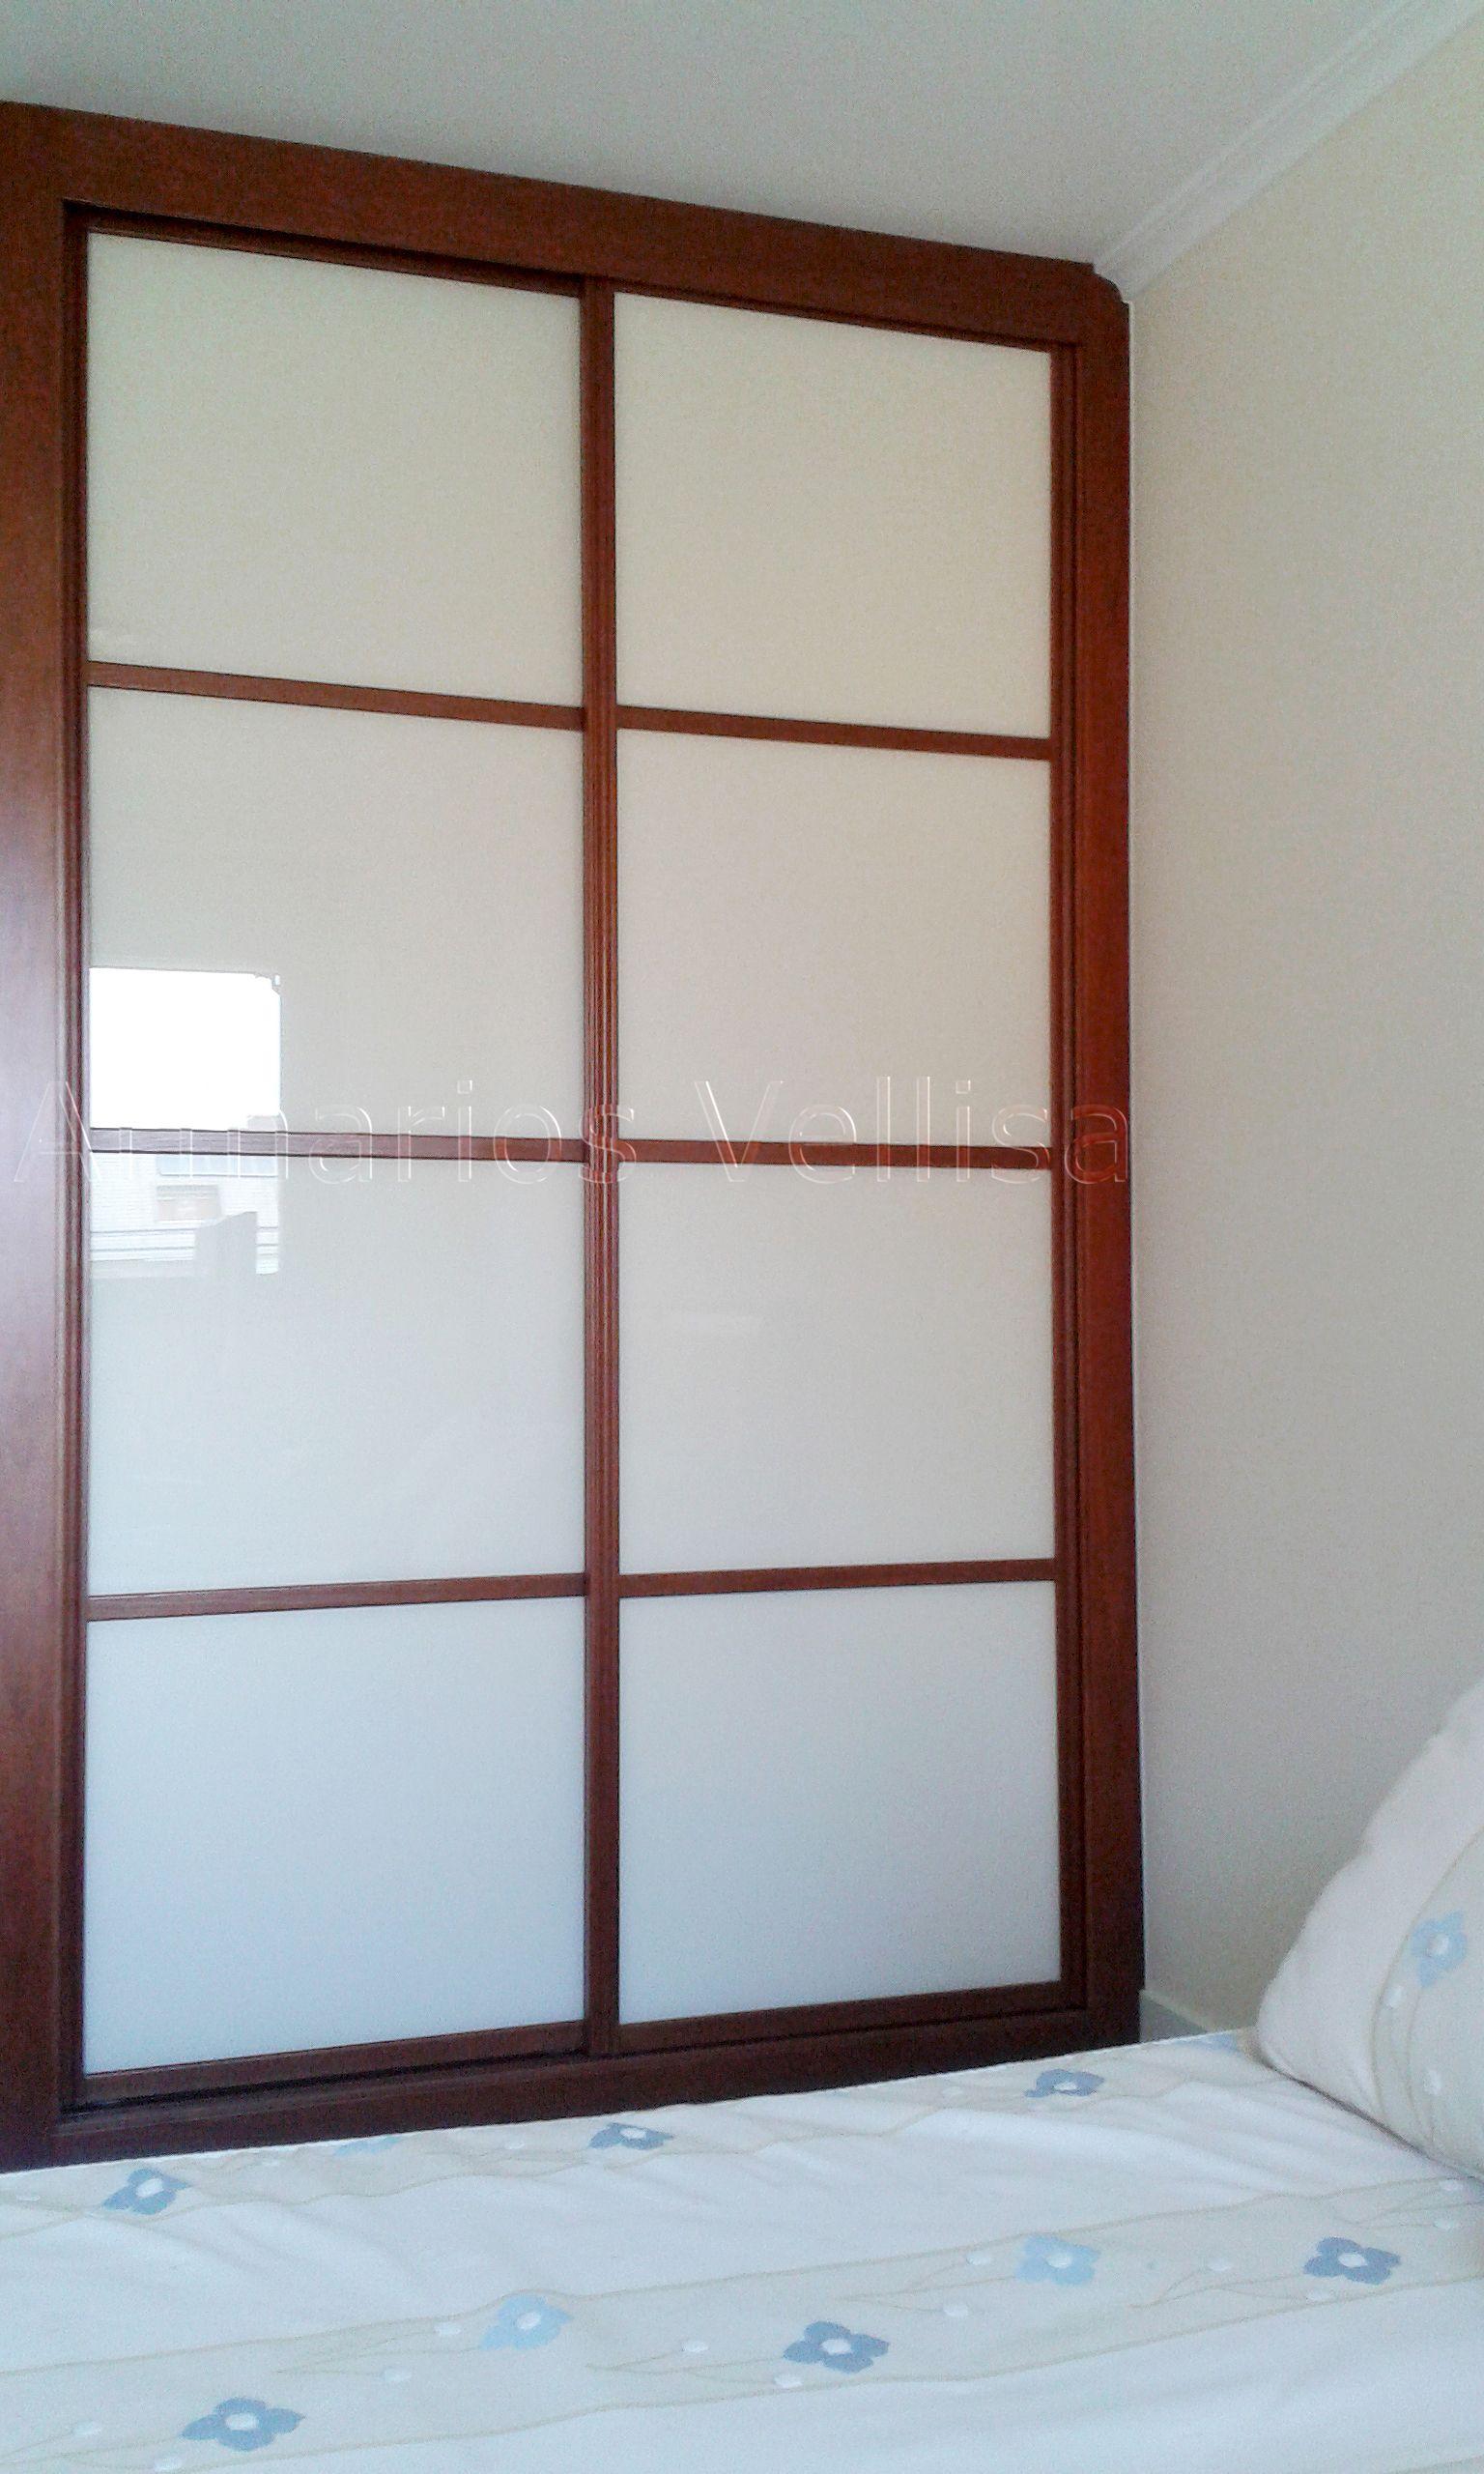 Puertas correderas empotradas medidas armarios puertas - Puertas correderas empotradas precio ...